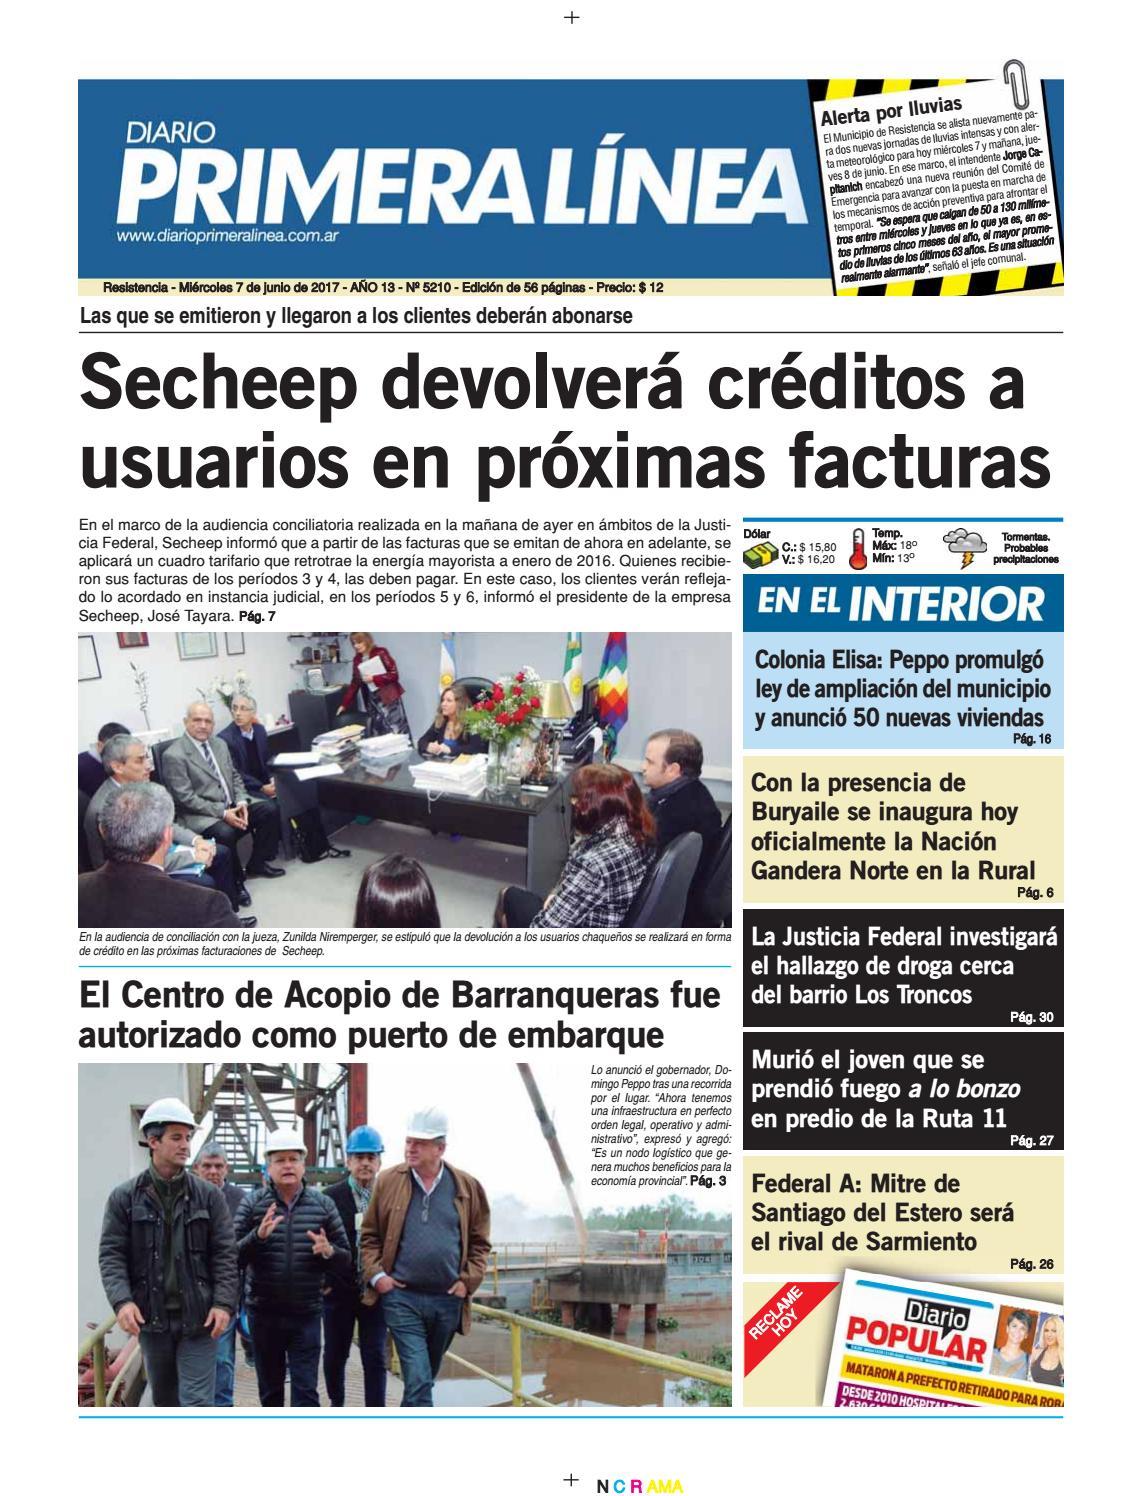 Primera L Nea 5260 20 06 17 By Diario Primera Linea Issuu # Muebles Digiano